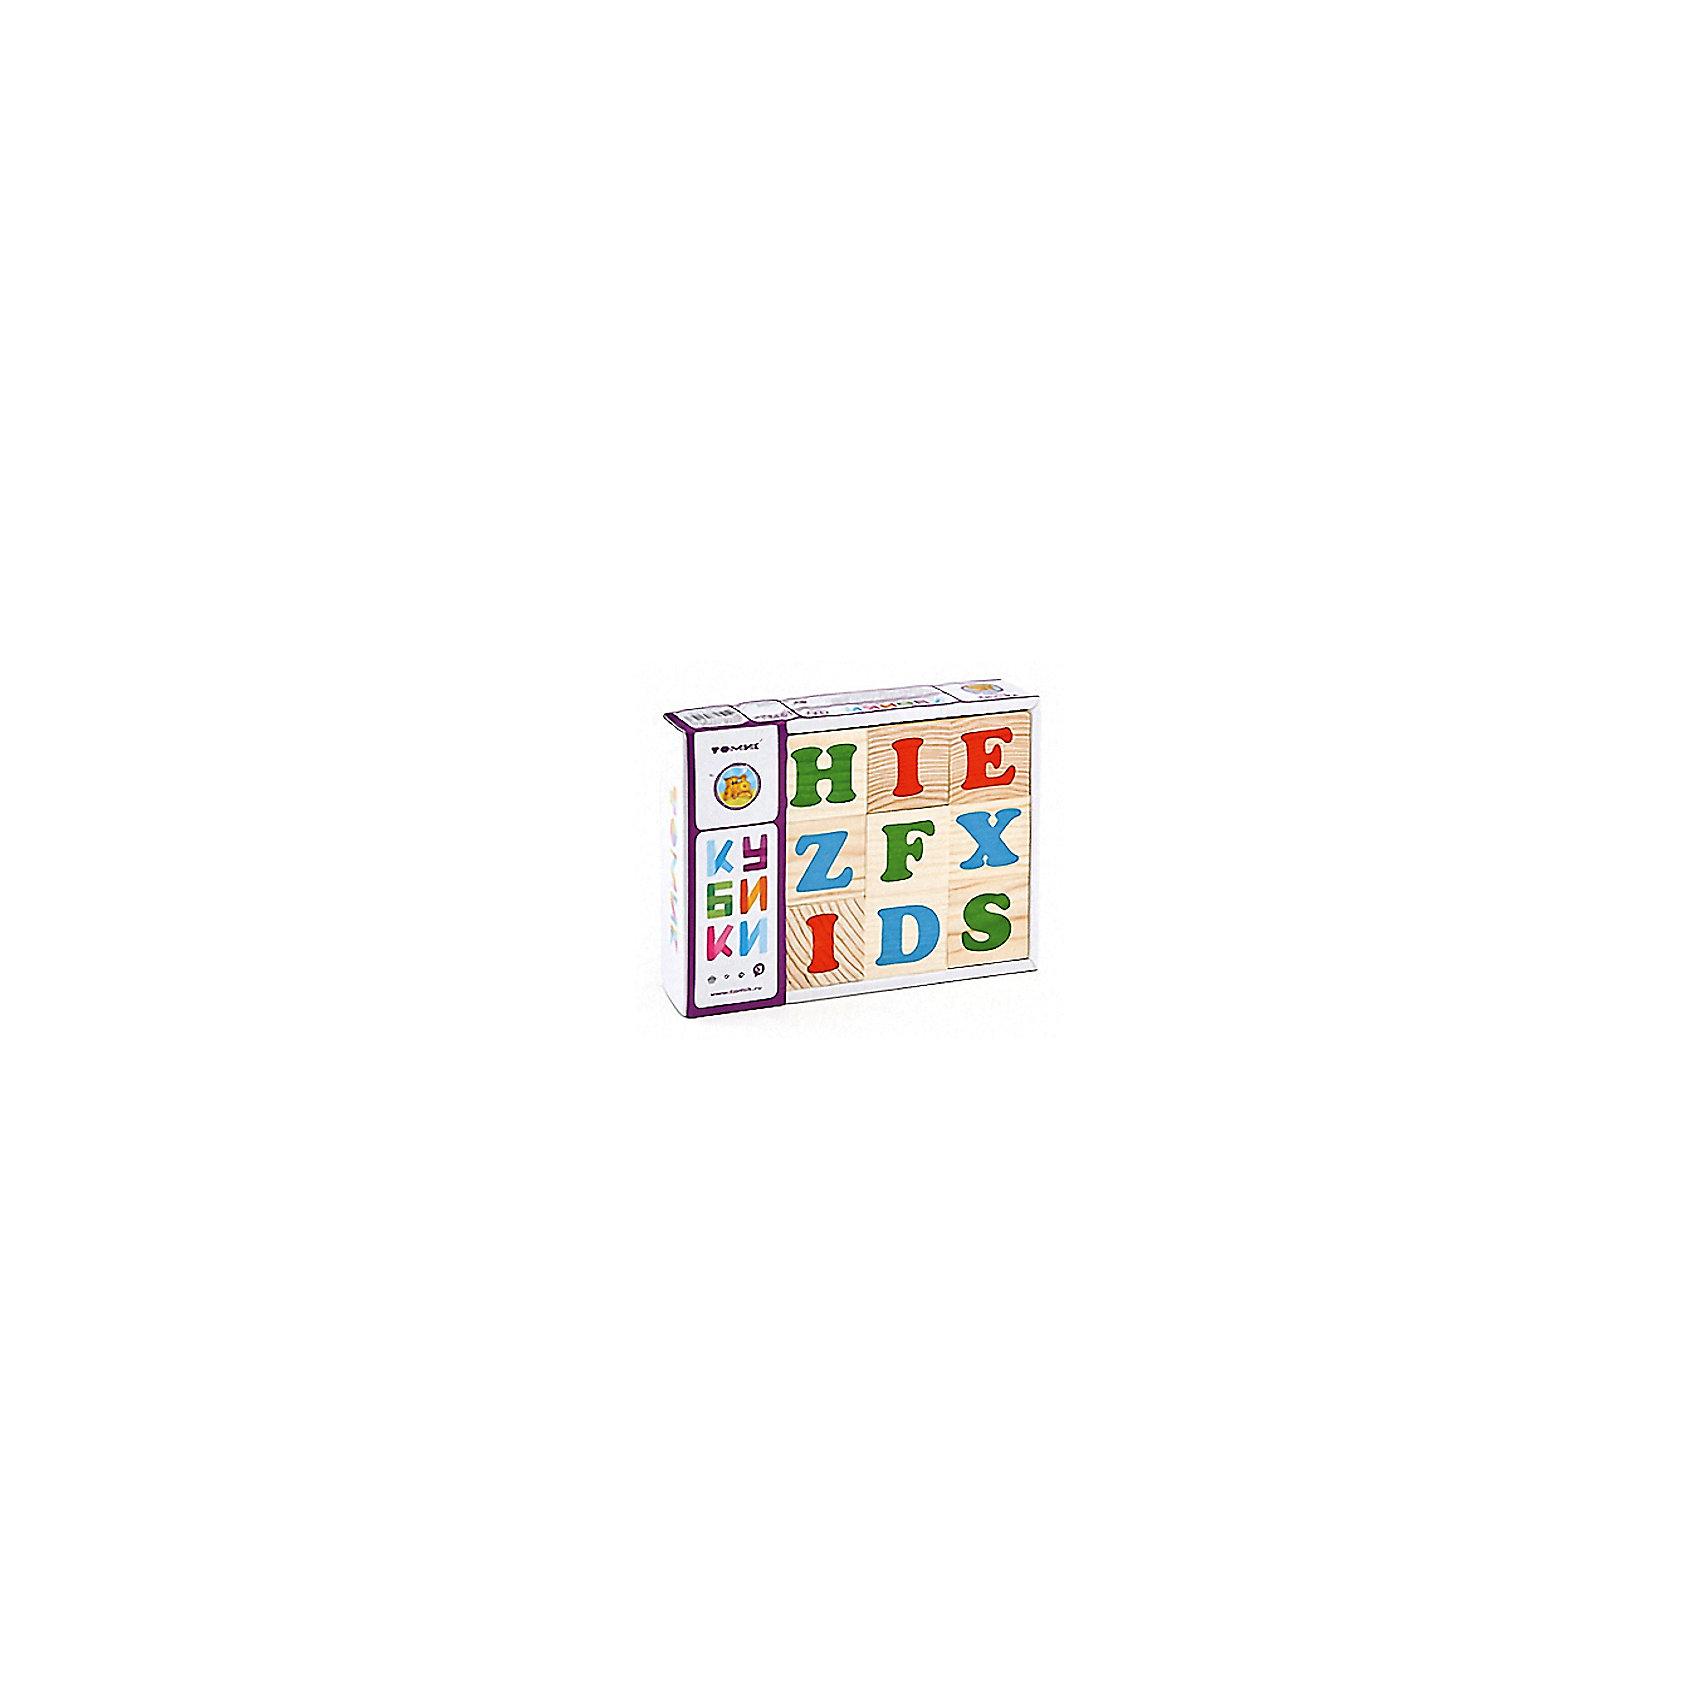 Кубики Алфавит английский, 12 штук,ТомикКубики<br>Кубики Алфавит английский, 12 штук, Томик – это замечательный набор деревянных кубиков, на которых изображены буквы английского алфавита.<br>С помощью этих кубиков ребенок познакомится с буквами английского алфавита, научится составлять из них слова. Кроме того из кубиков можно строить башни, дома, арки и многое другое. Небольшие размеры кубиков (грань 4 см) позволяют играть с ними даже самым маленьким. Кубики изготовлены из экологически чистого материала – древесины хвойных пород. Рисунки, нанесённые способом шелкографии — надёжны и долговечны. Кубики развивают логическое мышление, наглядно-образное мышление, память, мелкую моторику рук, внимание. Они станут хорошей подготовкой к школе.<br><br>Дополнительная информация:<br><br>- Количество кубиков: 12 шт.<br>- Размер кубика: 4 х 4 х 4 см.<br>- Материал: древесина<br>- Упаковка: картонная коробка<br>- Размер упаковки: 17 х 13 х 4 см.<br>- Вес: 424 гр.<br><br>Кубики Алфавит английский, 12 штук, Томик можно купить в нашем интернет-магазине.<br><br>Ширина мм: 170<br>Глубина мм: 130<br>Высота мм: 40<br>Вес г: 424<br>Возраст от месяцев: 36<br>Возраст до месяцев: 84<br>Пол: Унисекс<br>Возраст: Детский<br>SKU: 4317164